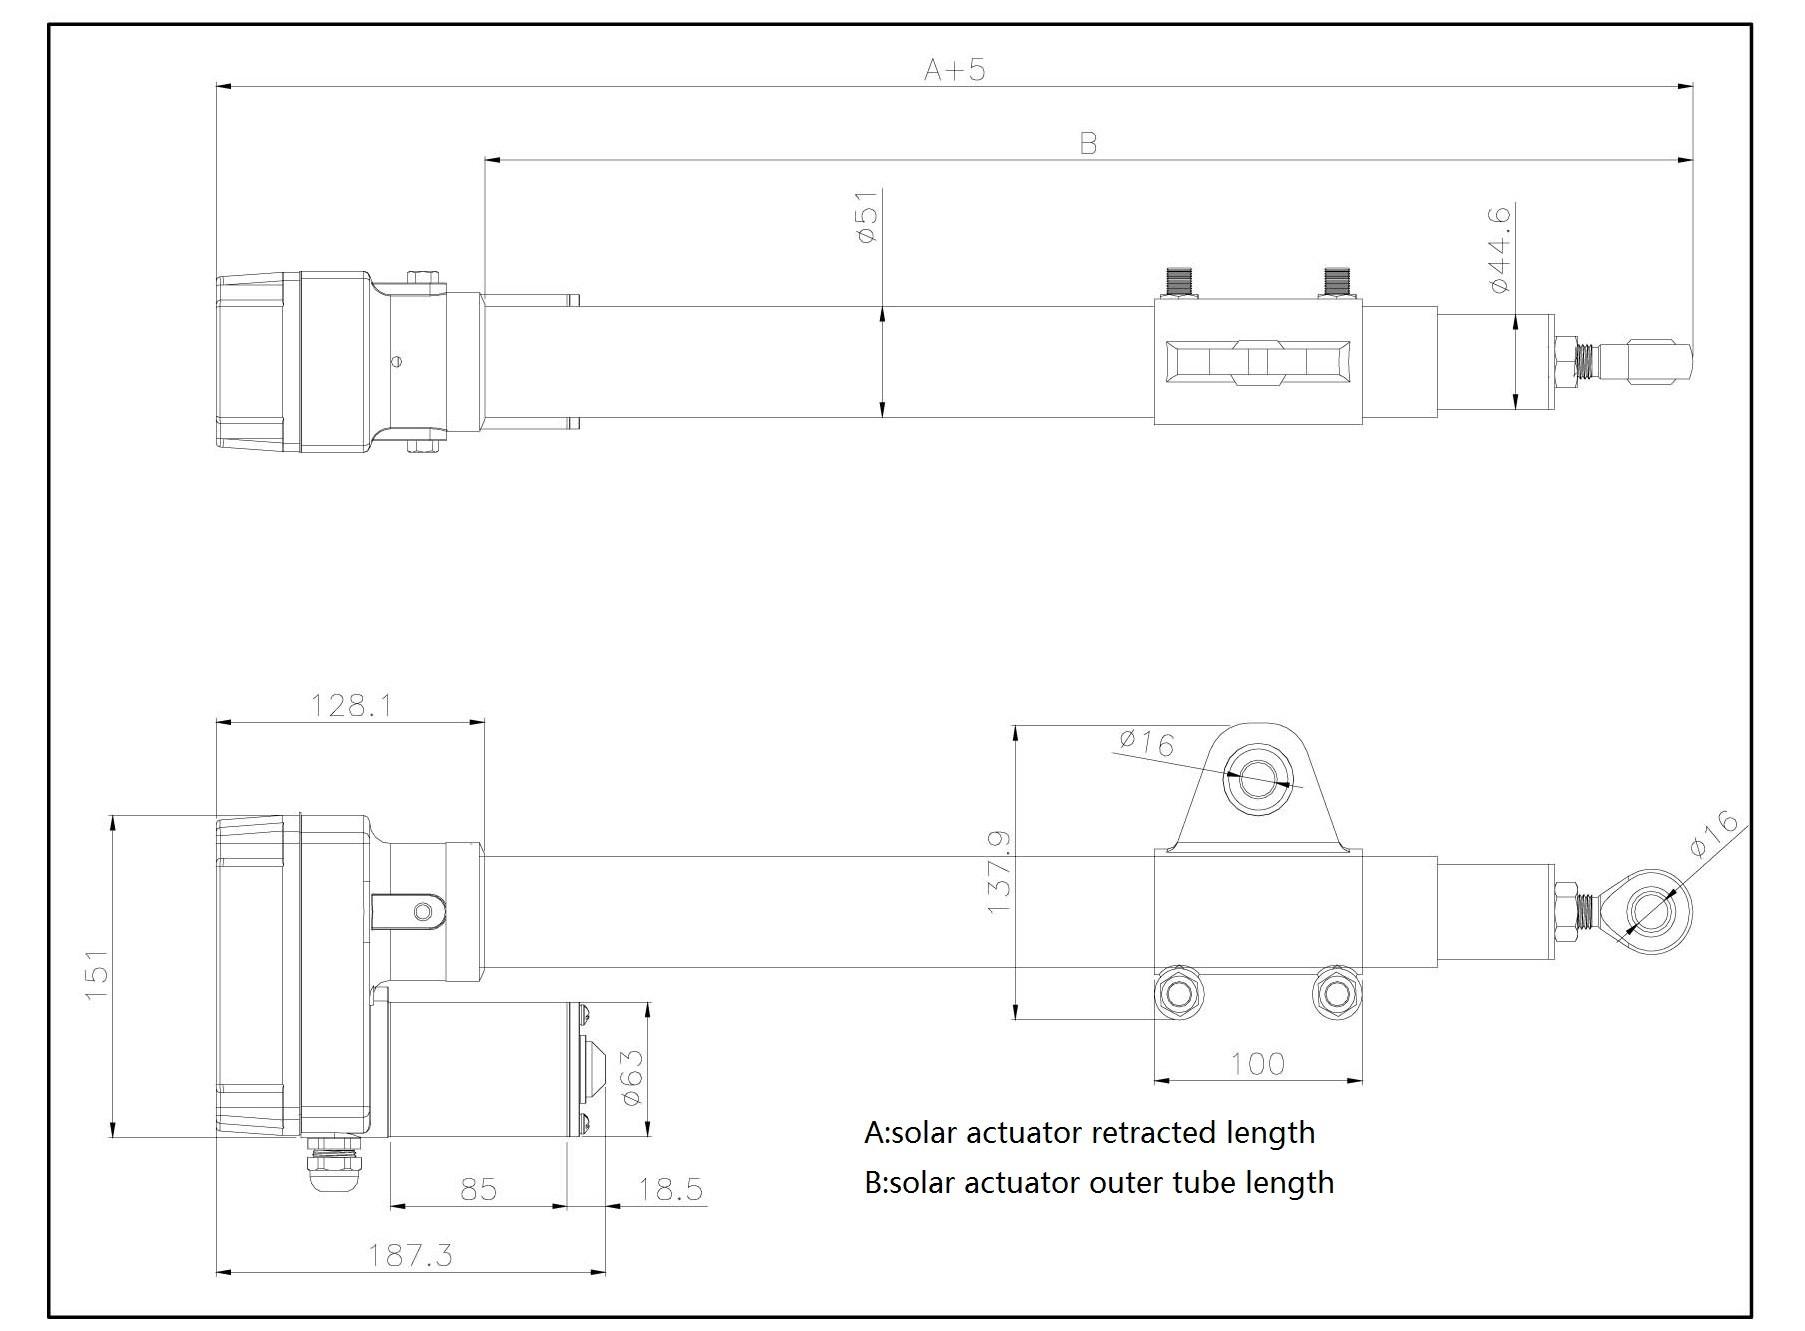 sla360-outline-drawing